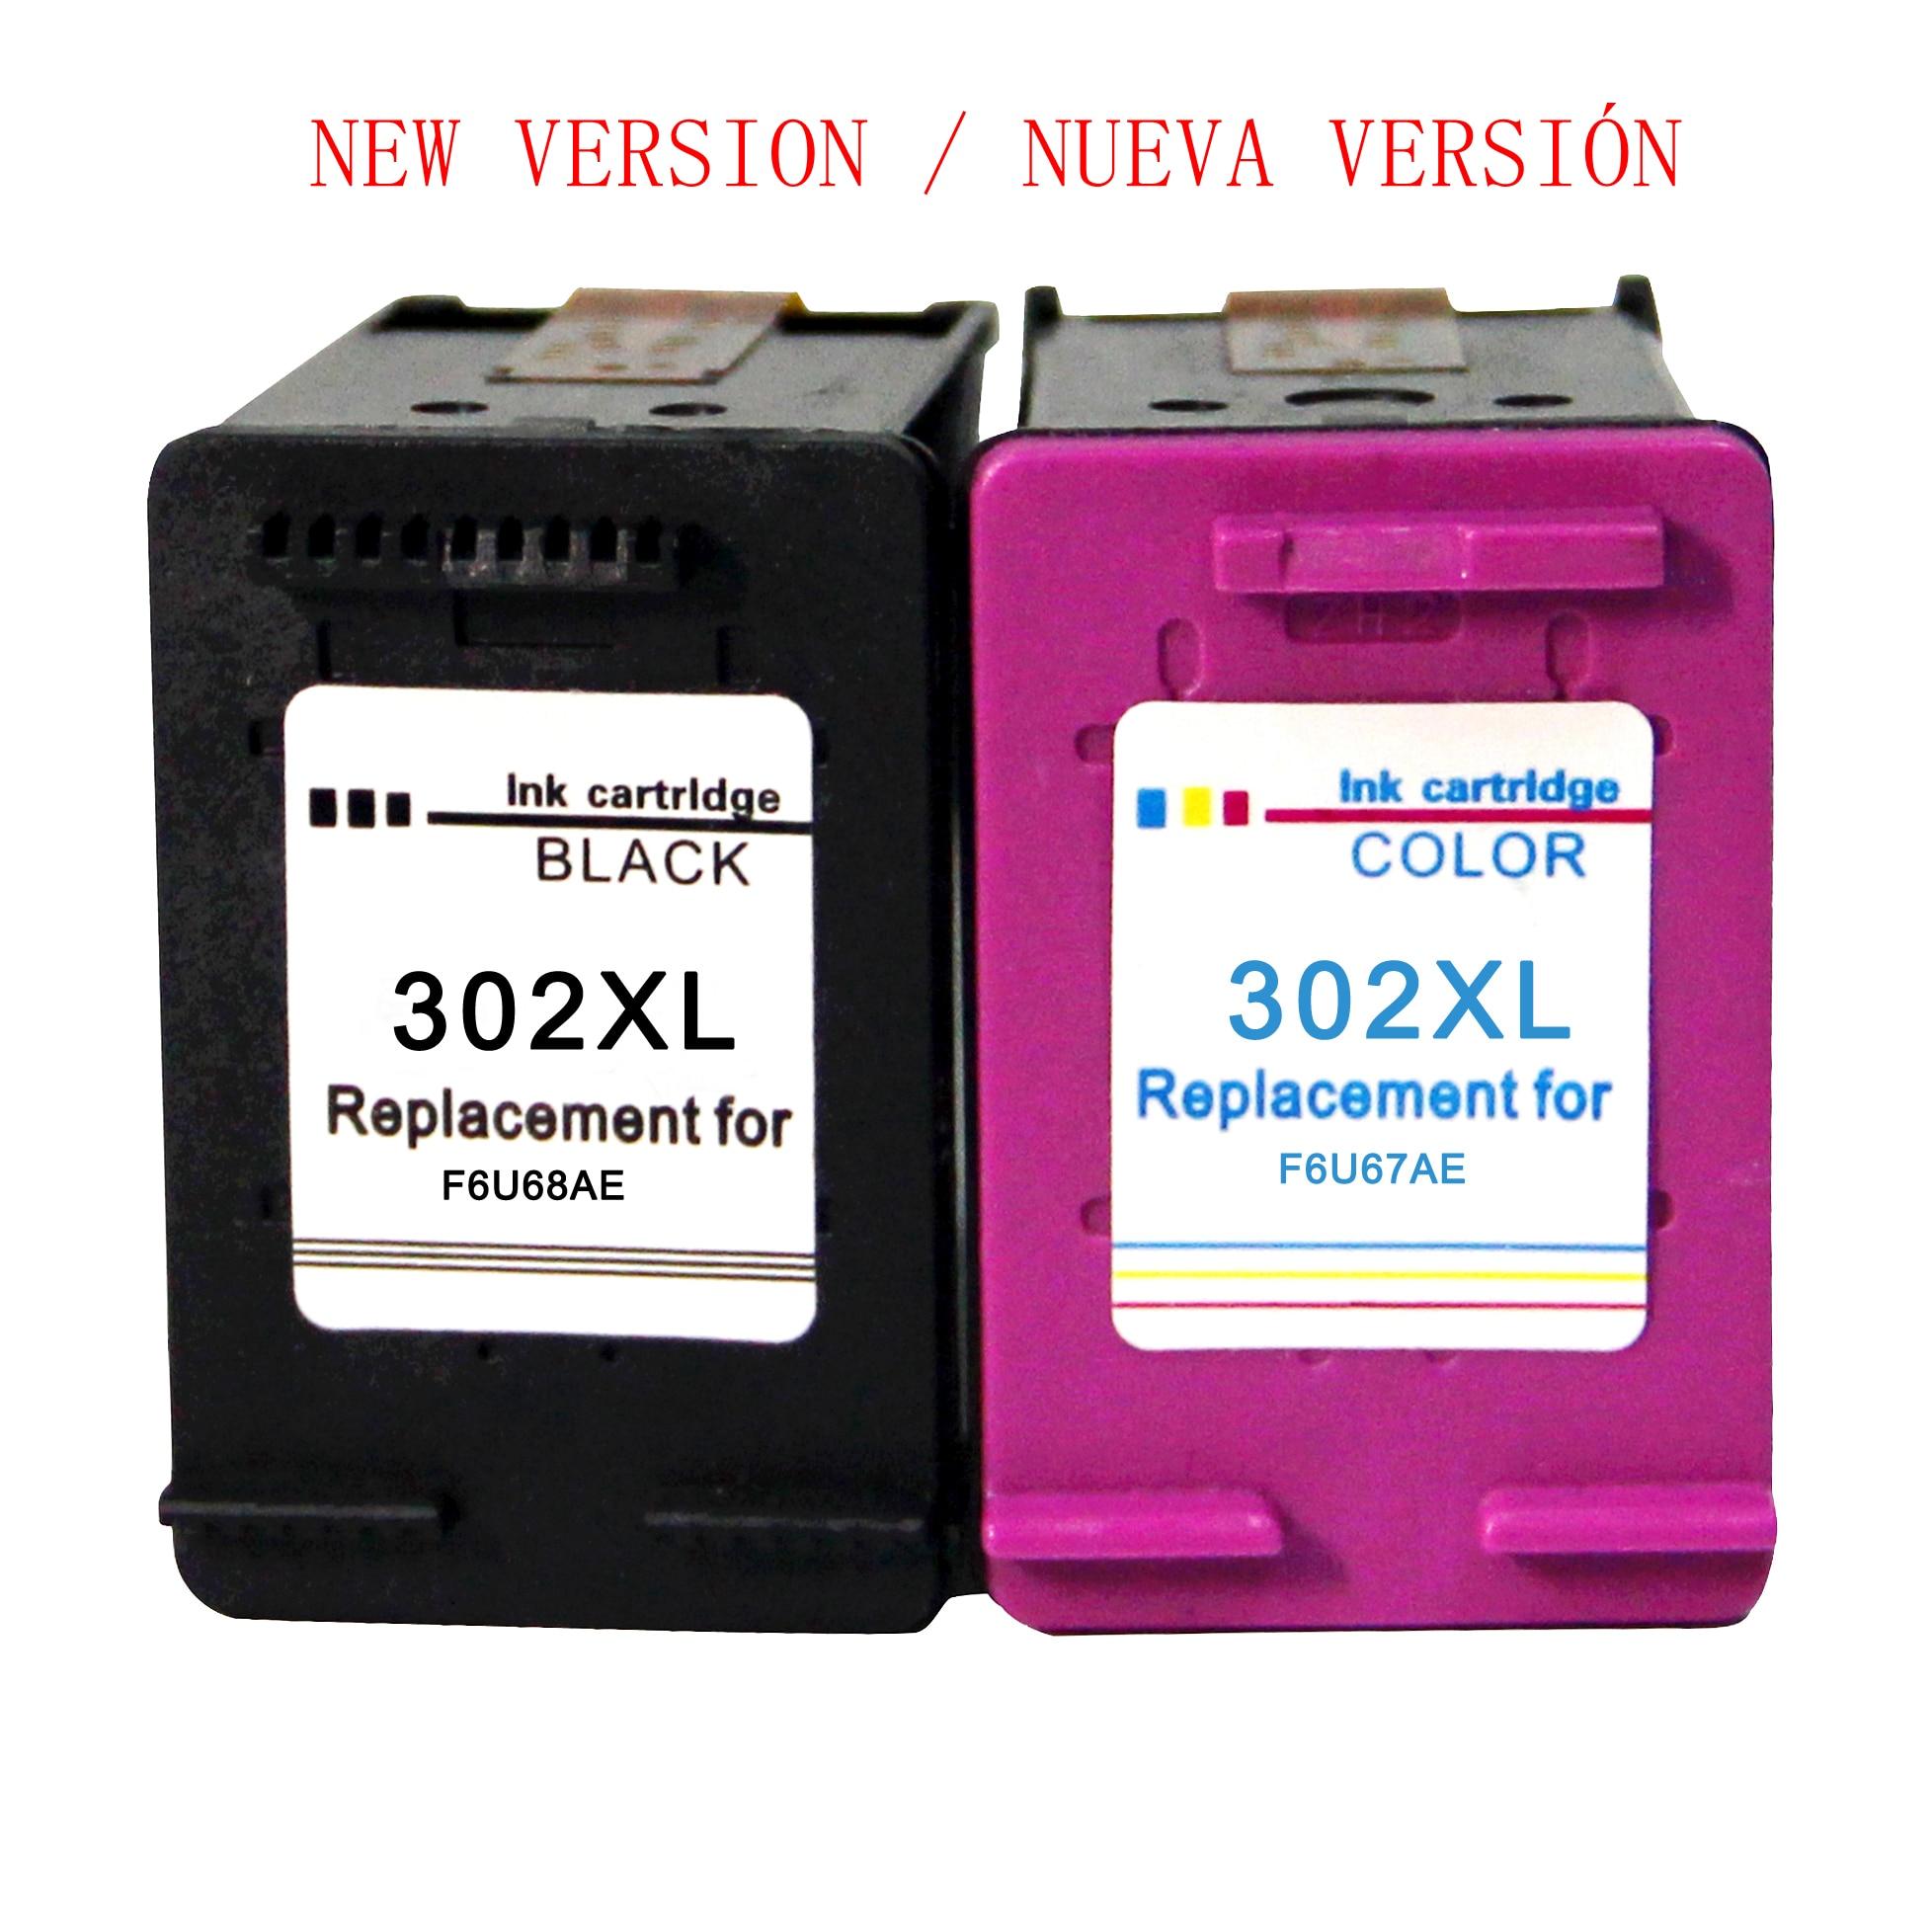 Совместимые 302XL чернильные картриджи для HP 302 для HP OfficeJet 5220 5222 5230 5232 3831 Envy 3833 4520 deskJet 4524